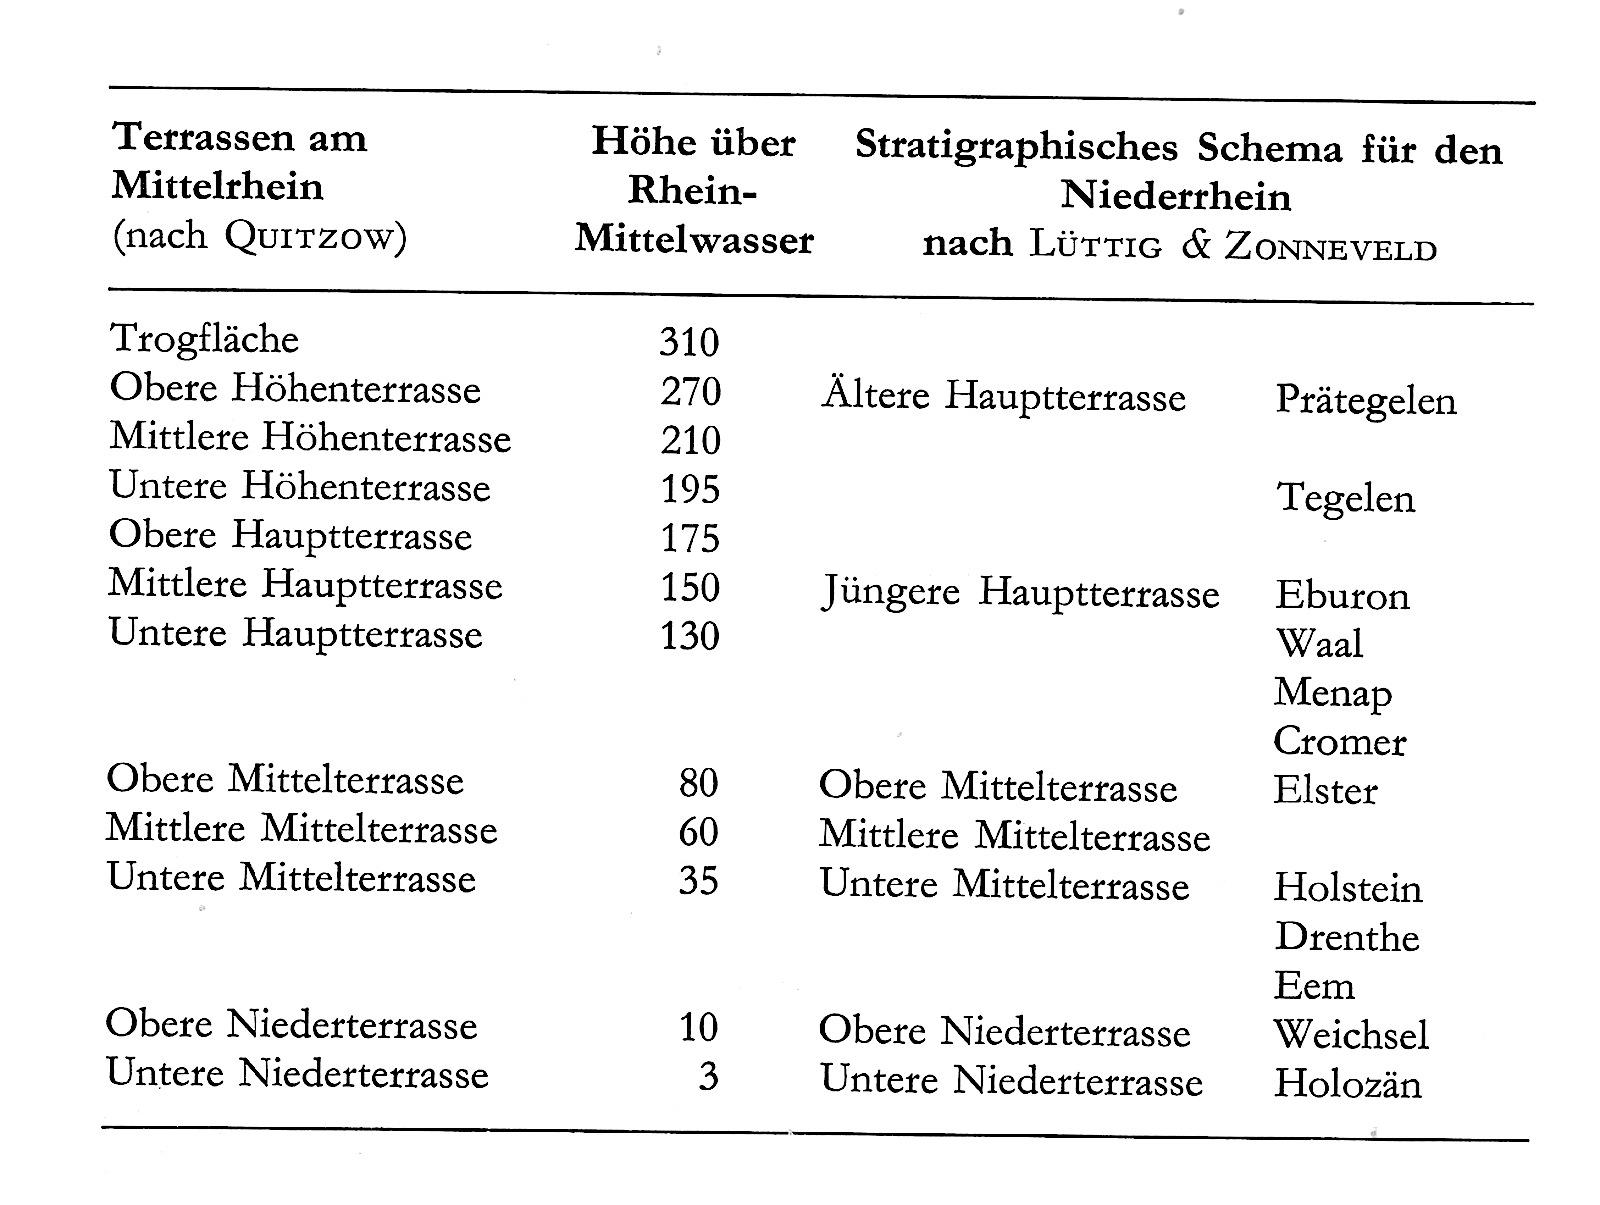 Для небольшого уточнения террас Рейна с существующей в Германии и Нидерландах хноростратиграфией Нижнего Рейна